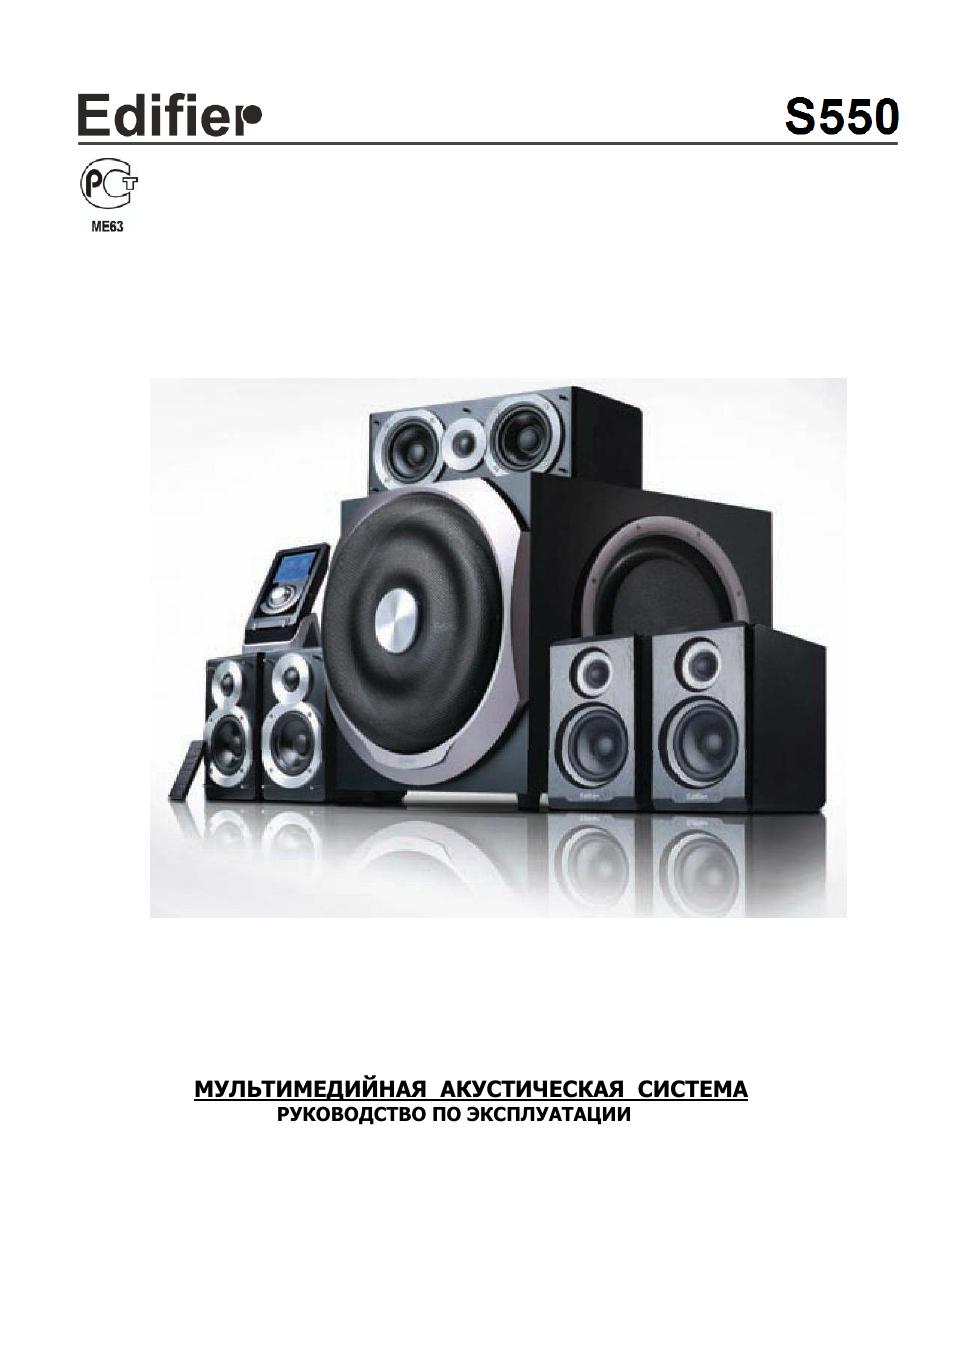 Инструкция nikon d3000 на русском скачать